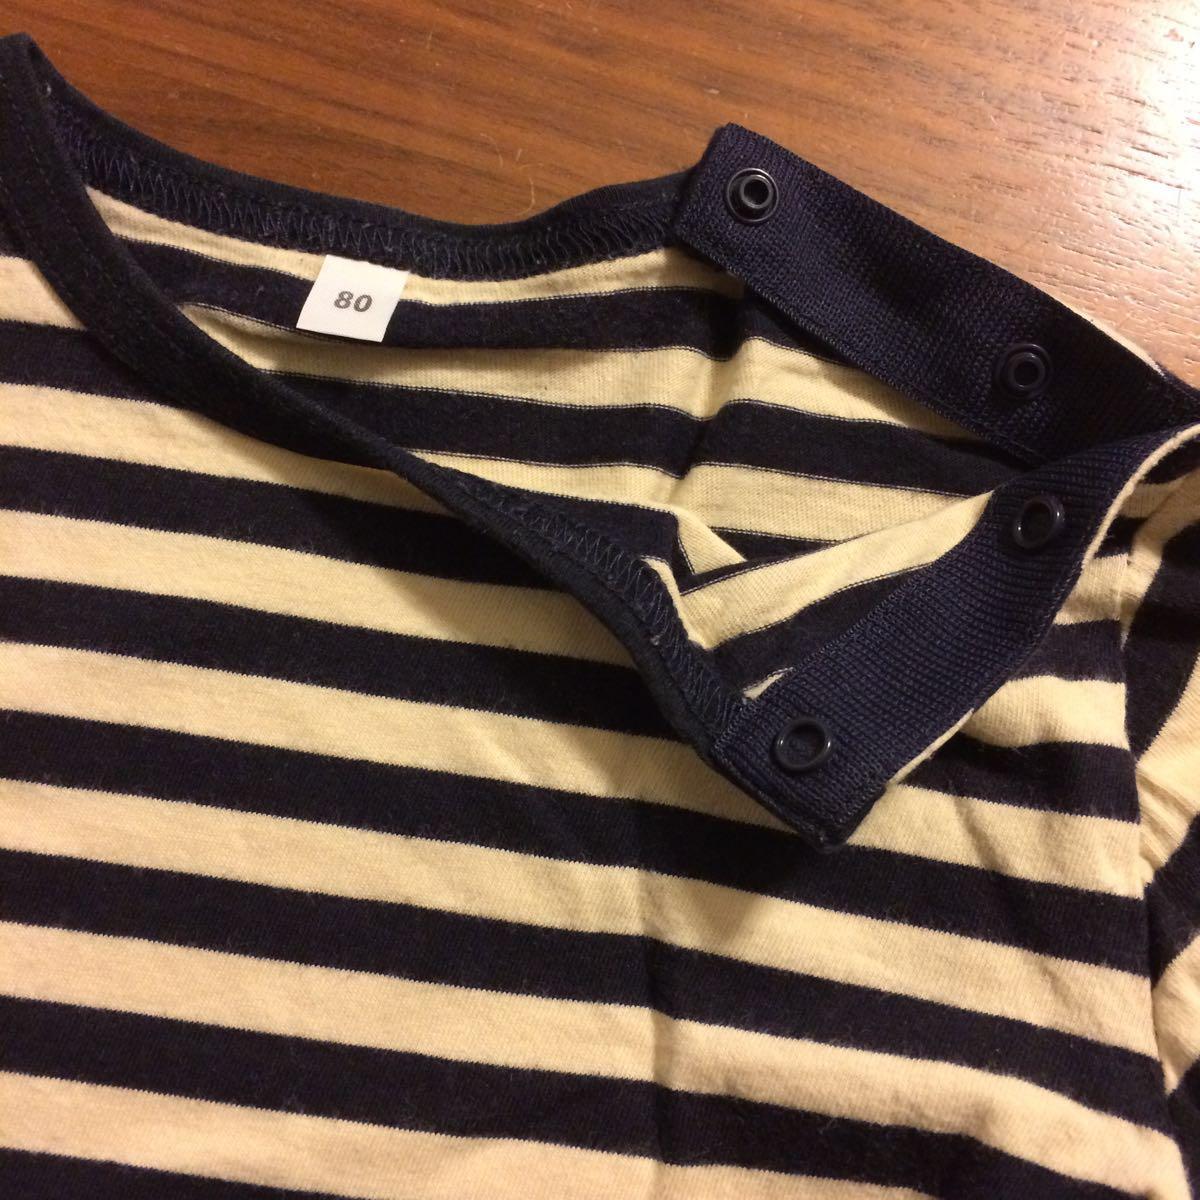 ★『無印良品 ボーダーカットソー Tシャツ 黒×生成り 80』男の子 女の子 キッズ 子供 無印_画像3